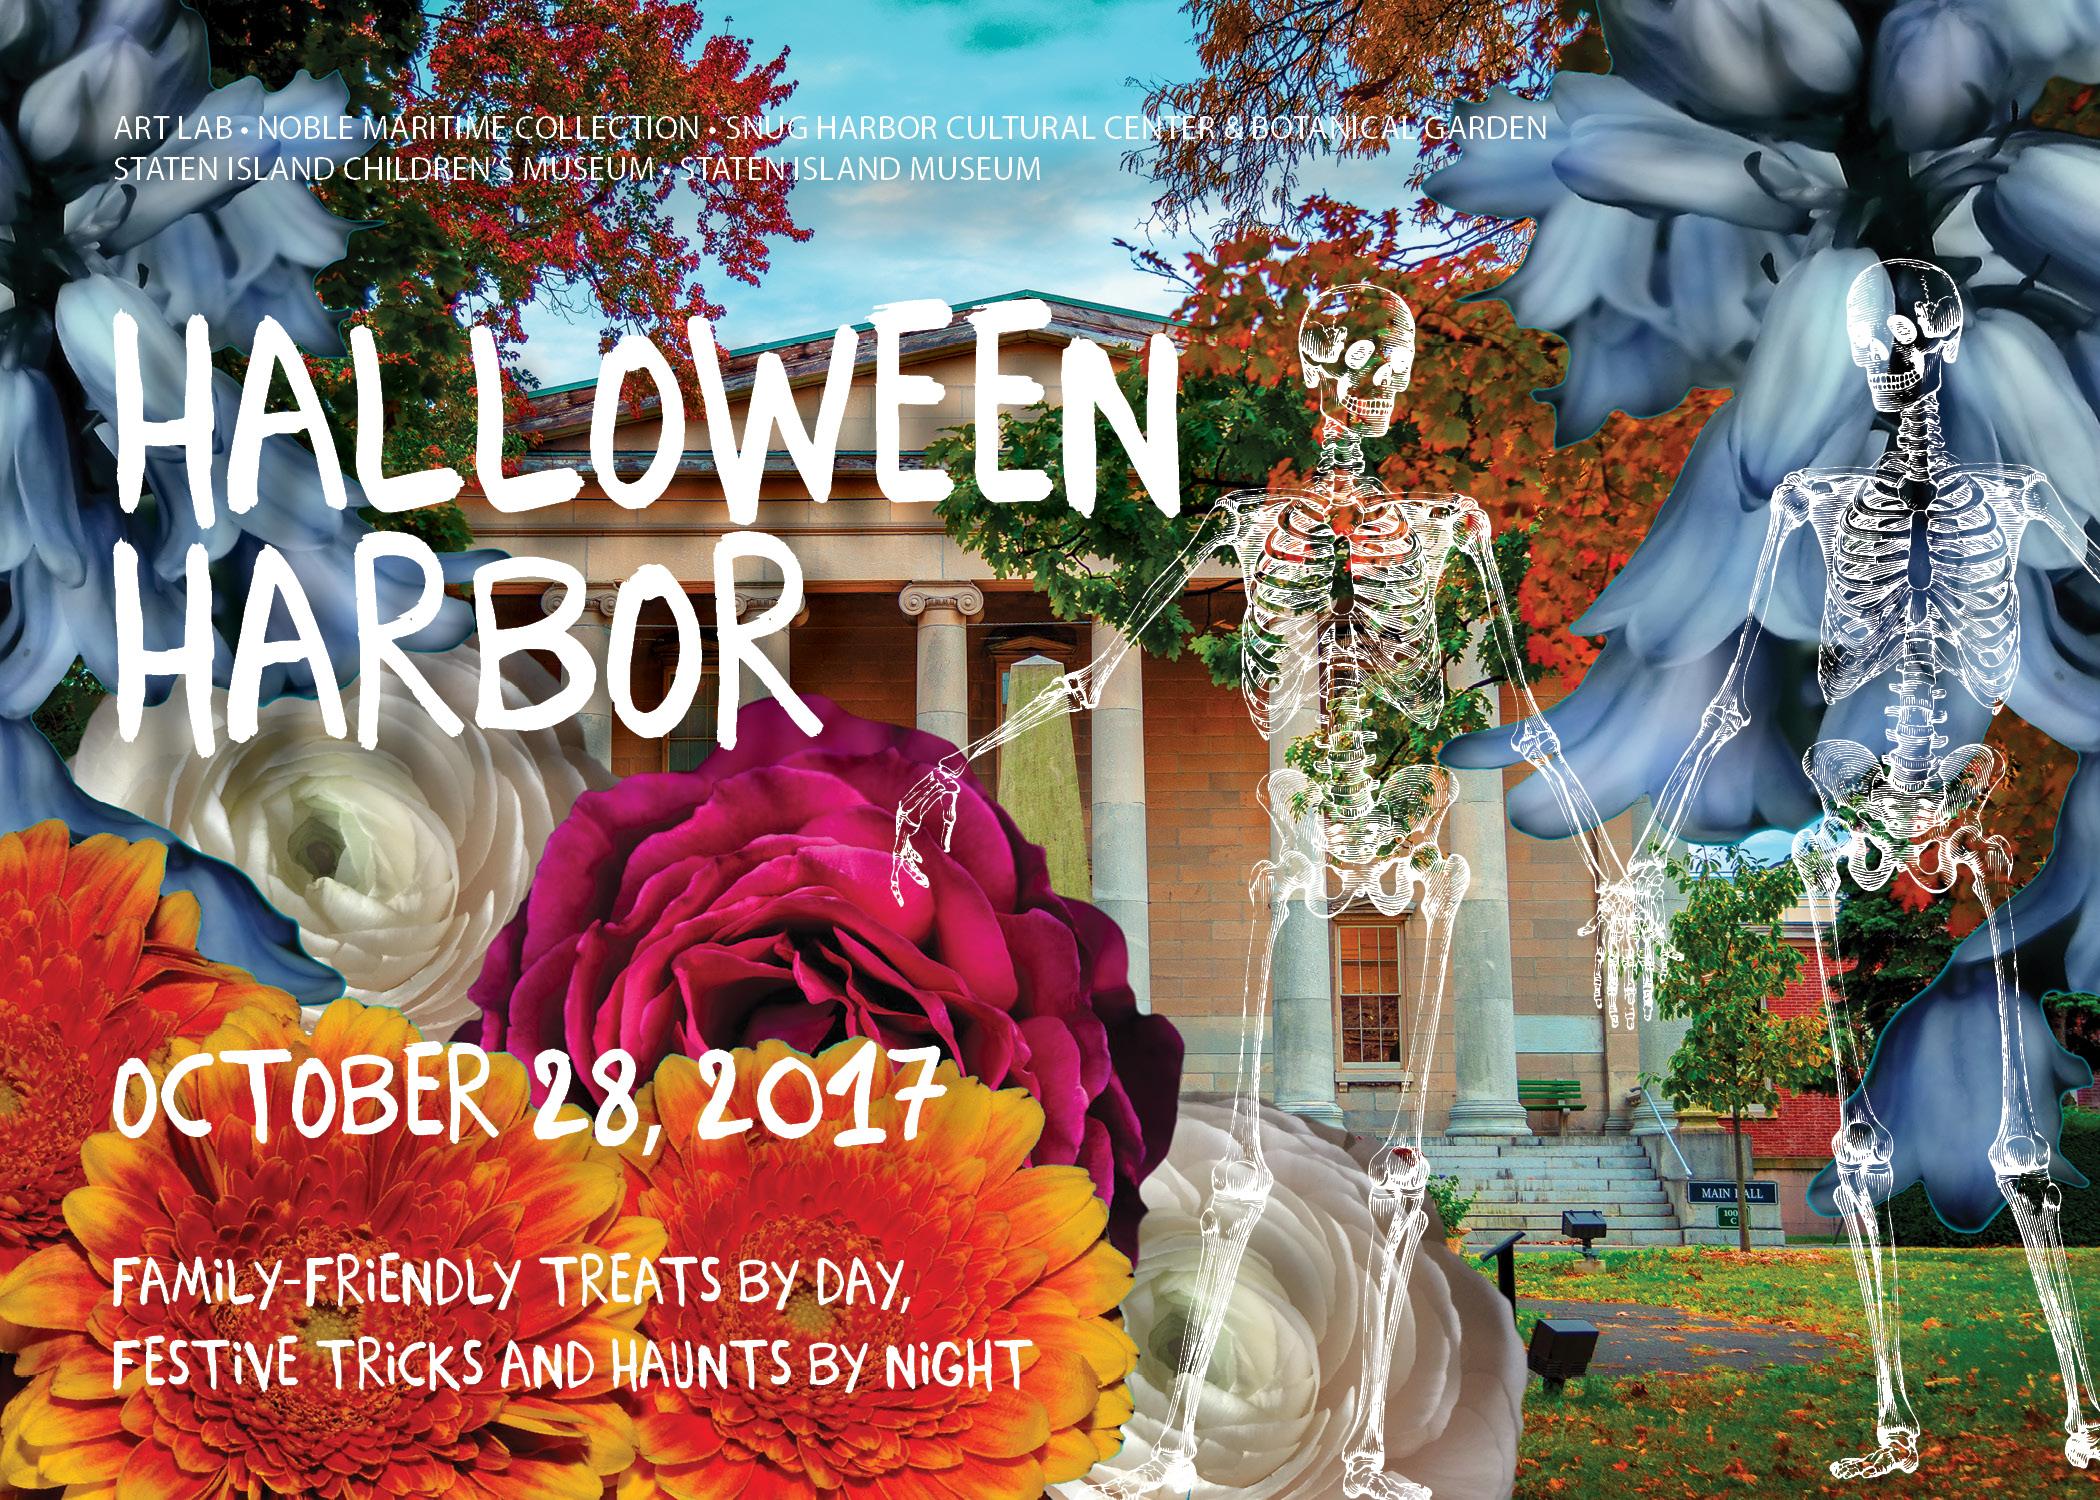 Halloween Harbor